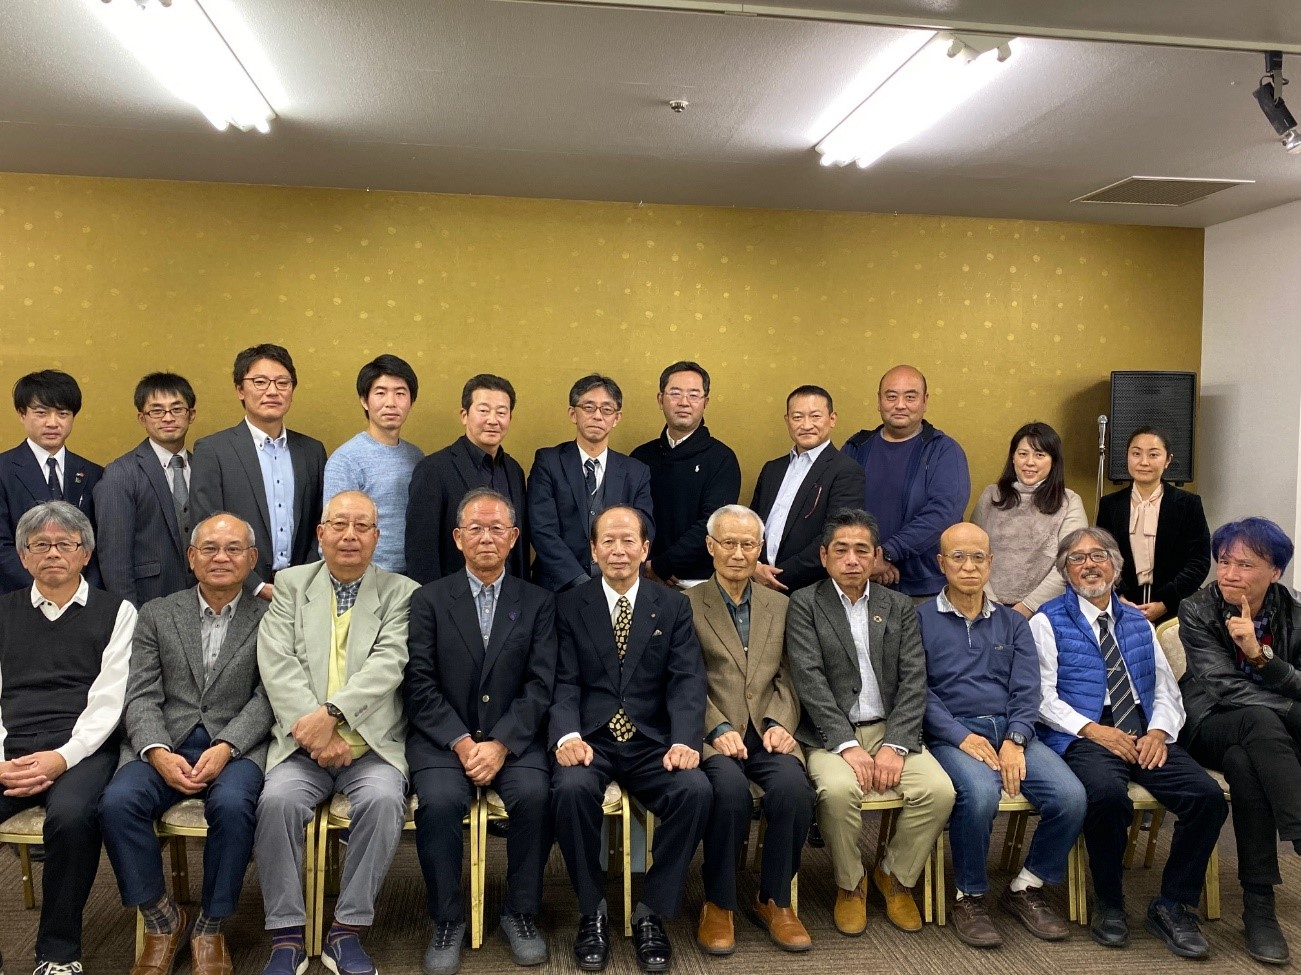 関西学院同窓会宮崎支部「忘年会」